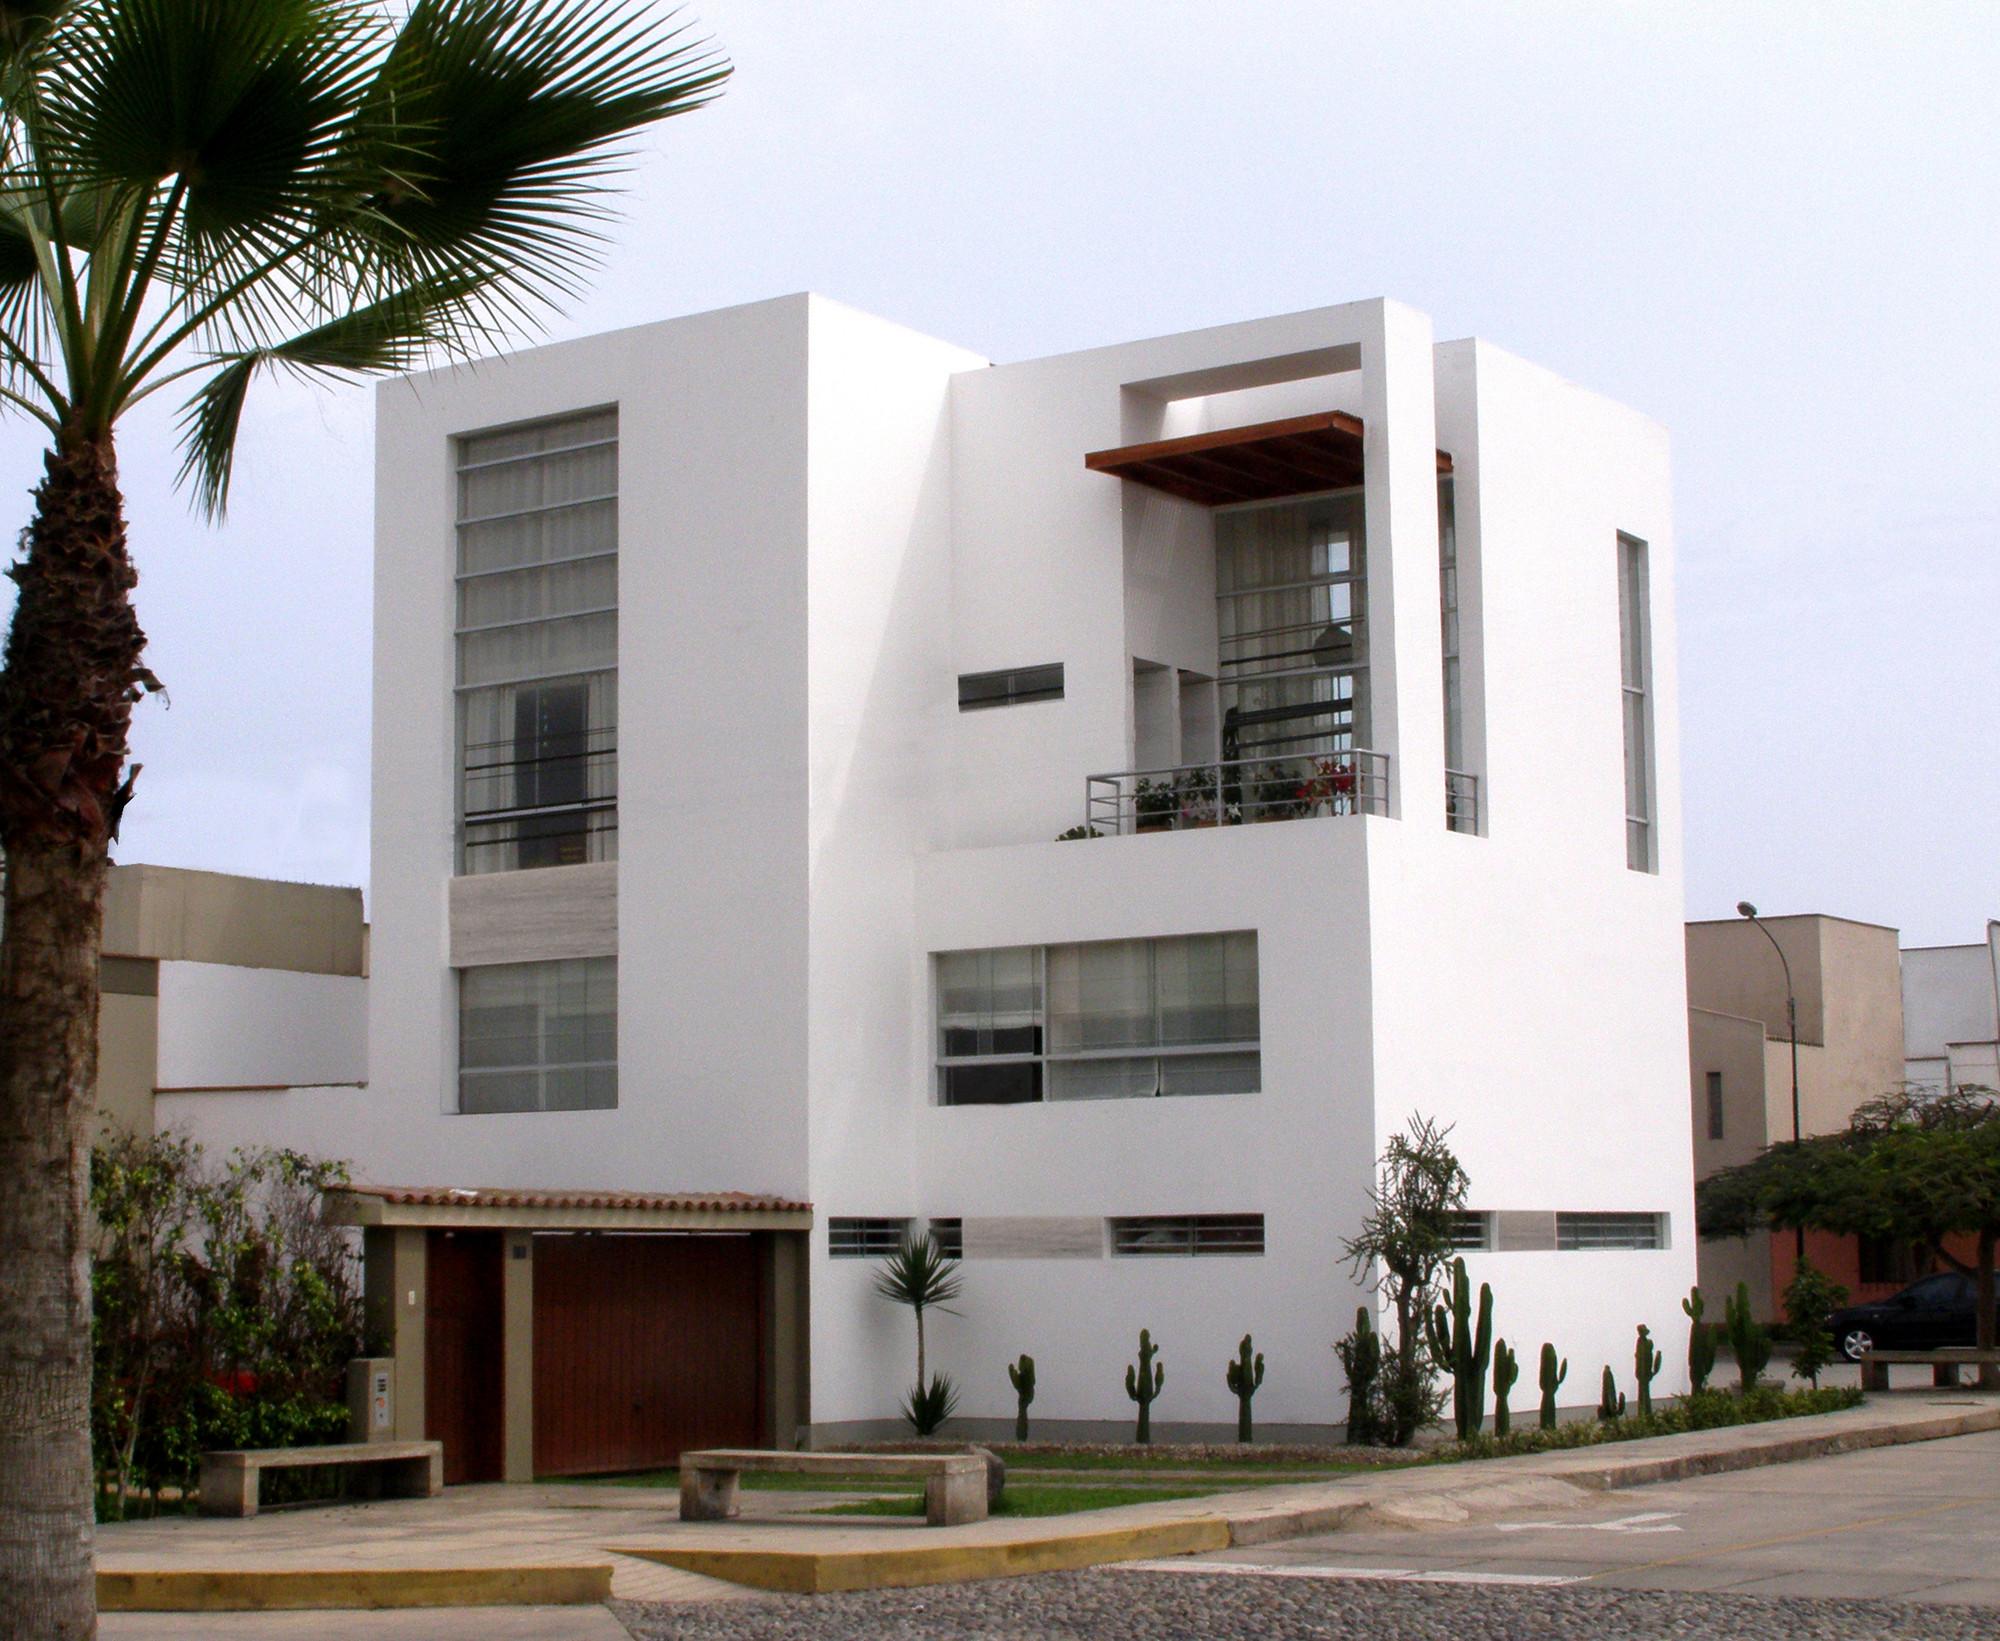 Casa c a f v arquitectos plataforma arquitectura for Casa de arquitectos